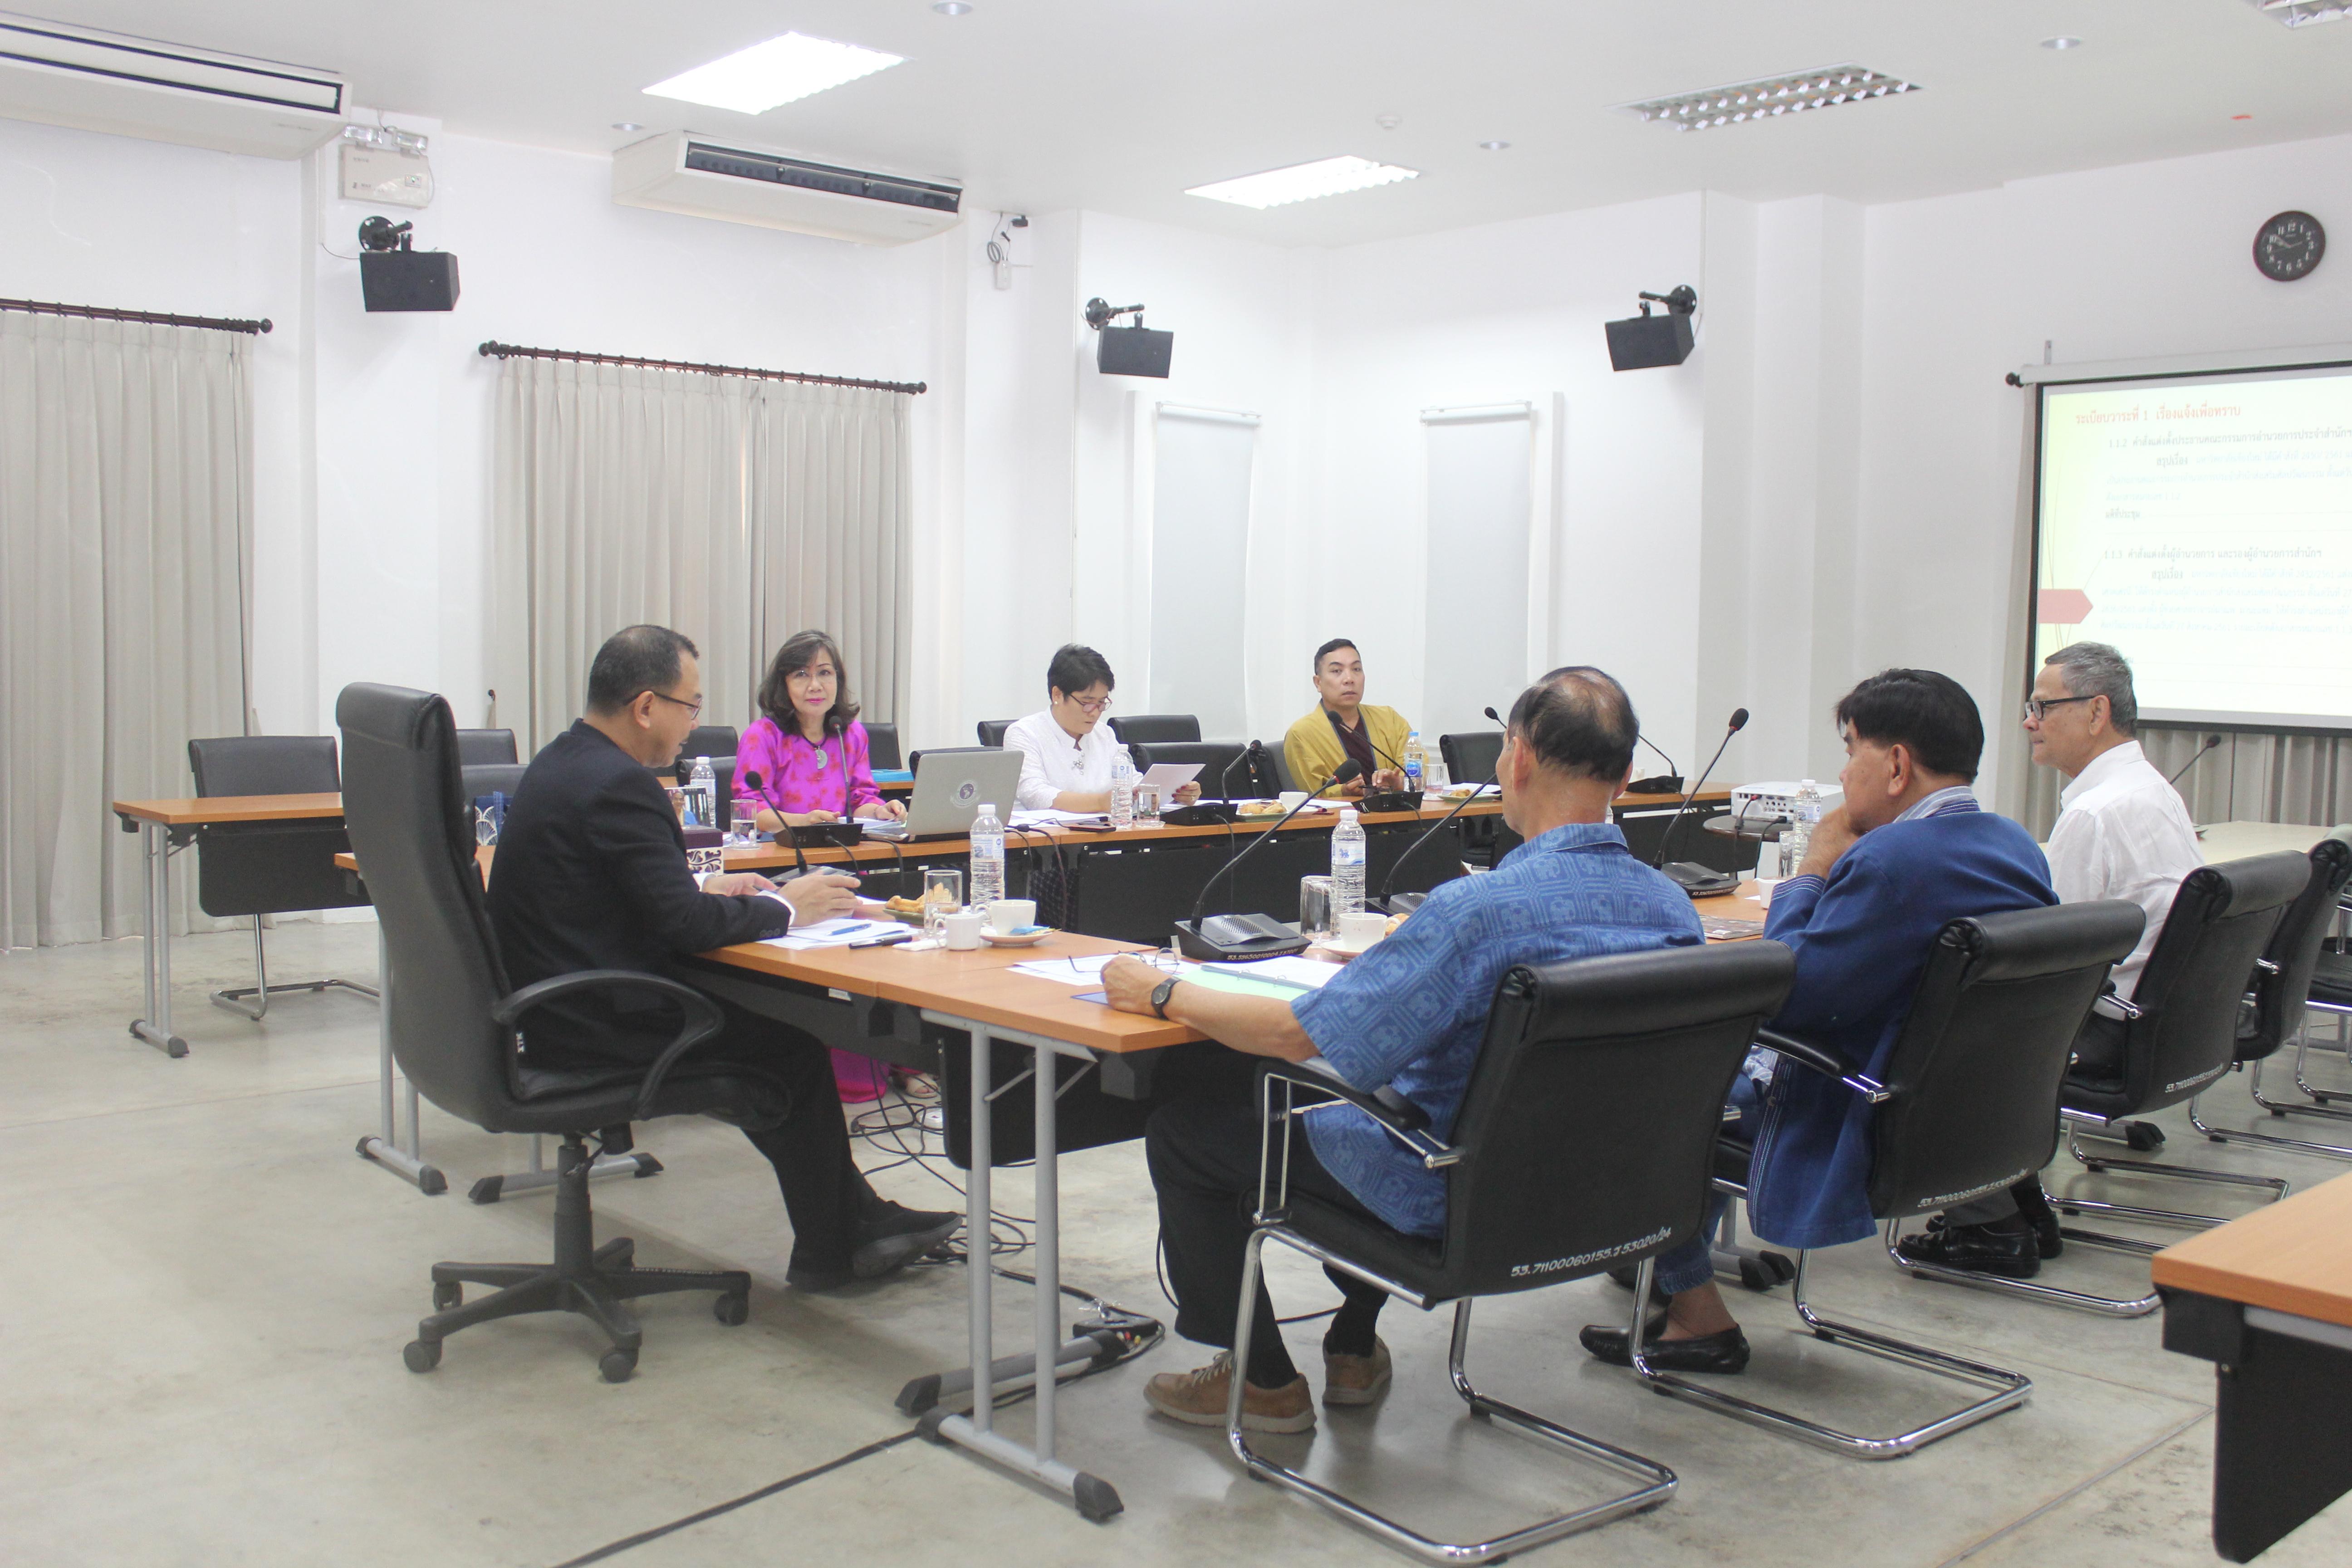 การประชุมคณะกรรมการอำนวยการประจำสำนักส่งเสริมศิลปวัฒนธรรม ครั้งที่ 2/2561